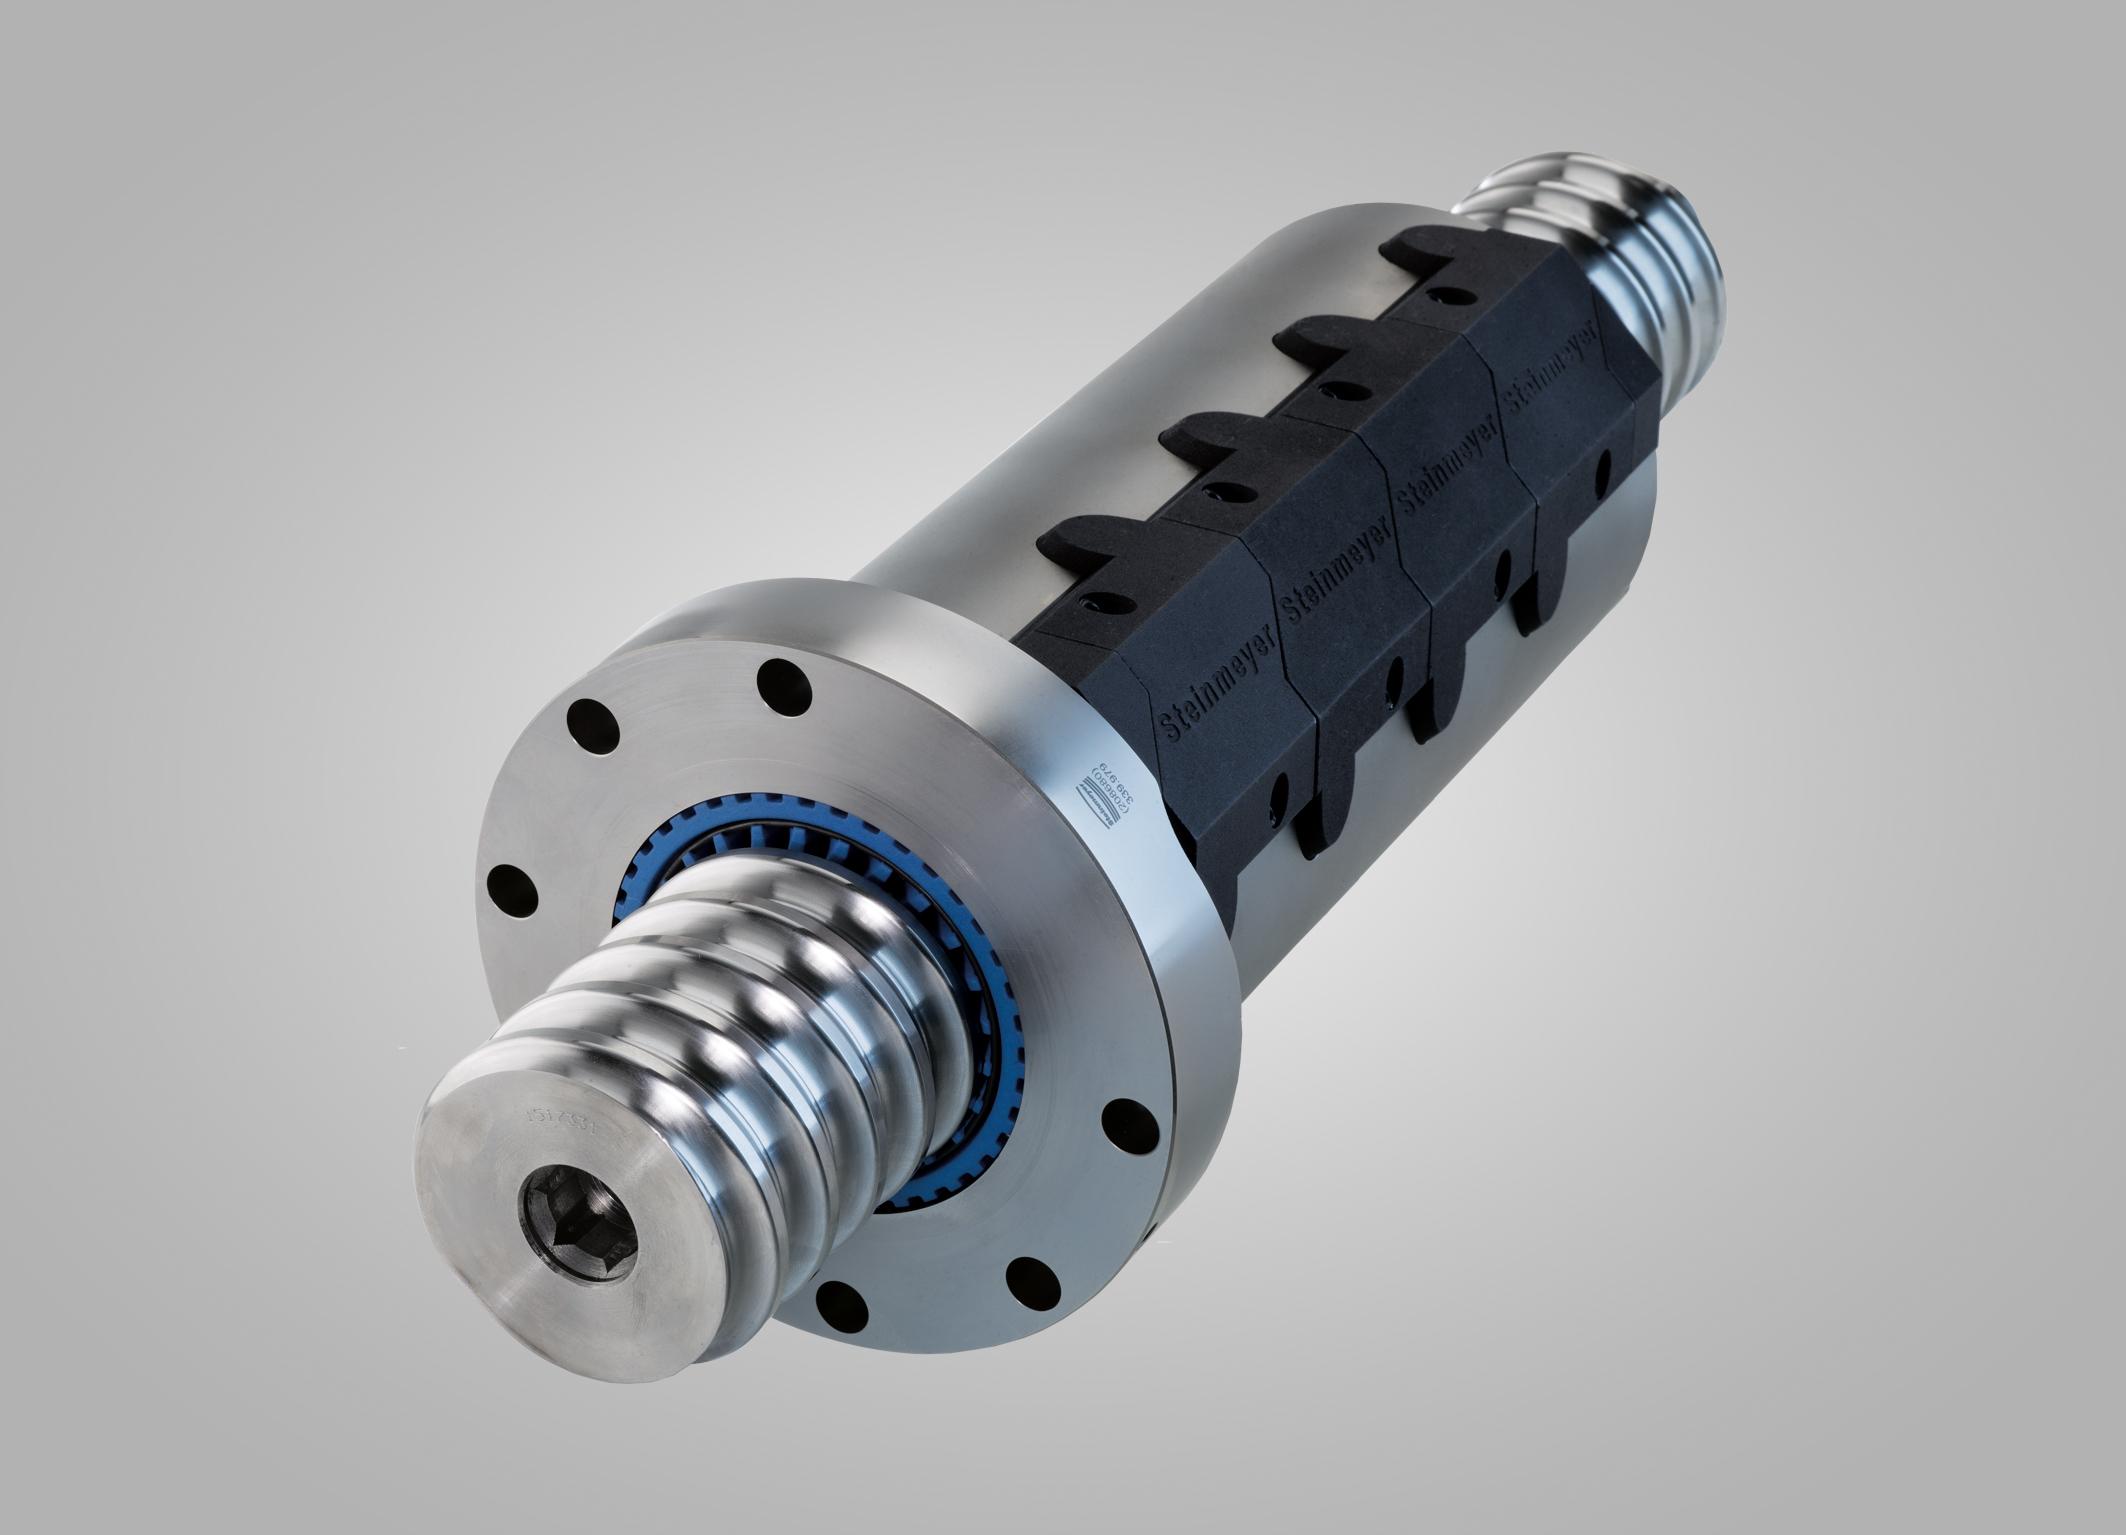 Schwerlast-Kugelgewindetriebe von Steinmeyer erlauben eine genaue Positionierung großer Gewichte (Foto: August Steinmeyer Gmbh)